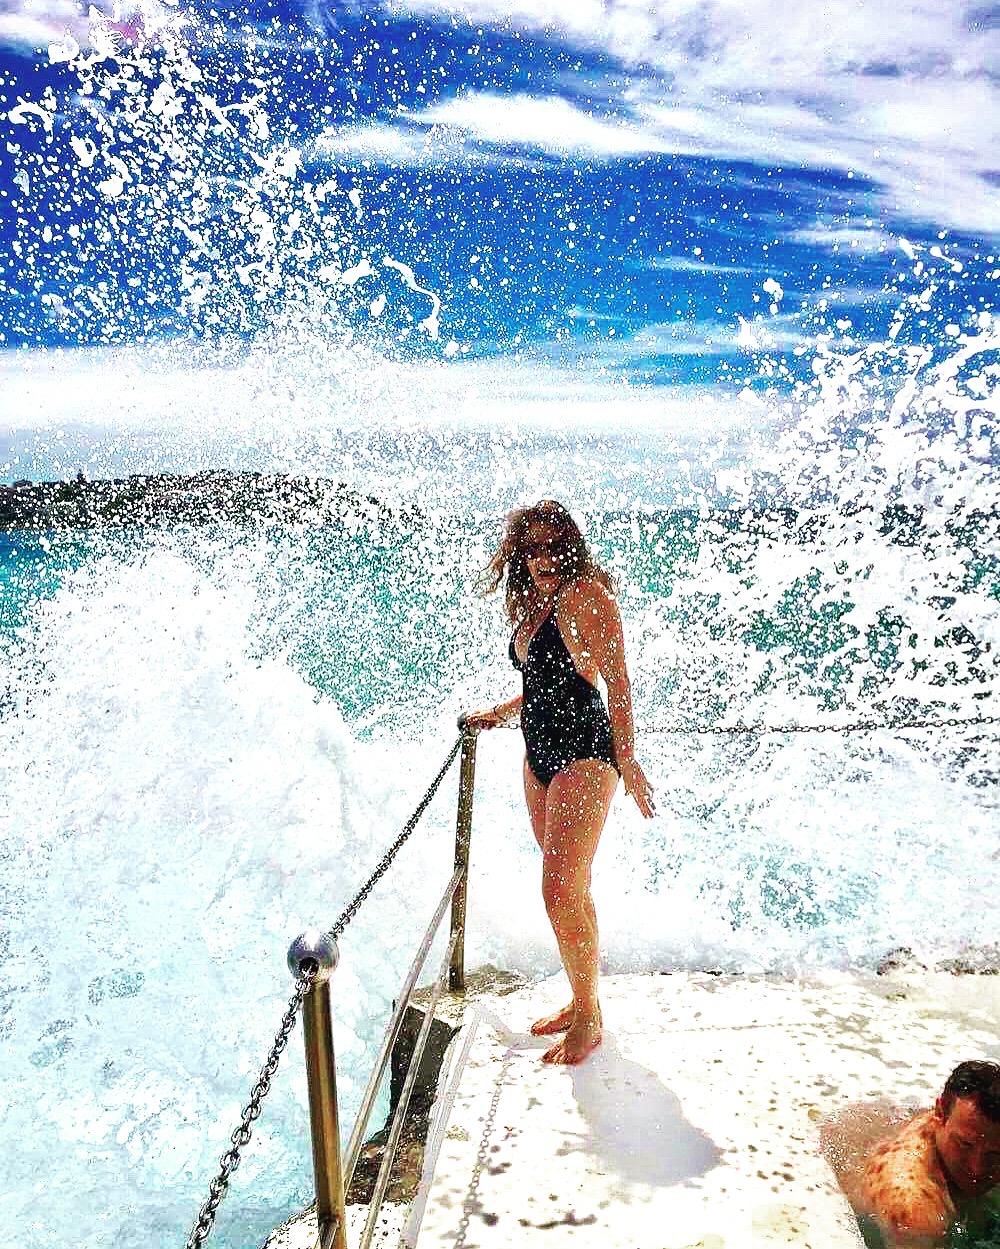 Bondi Beach Sydney, Australia